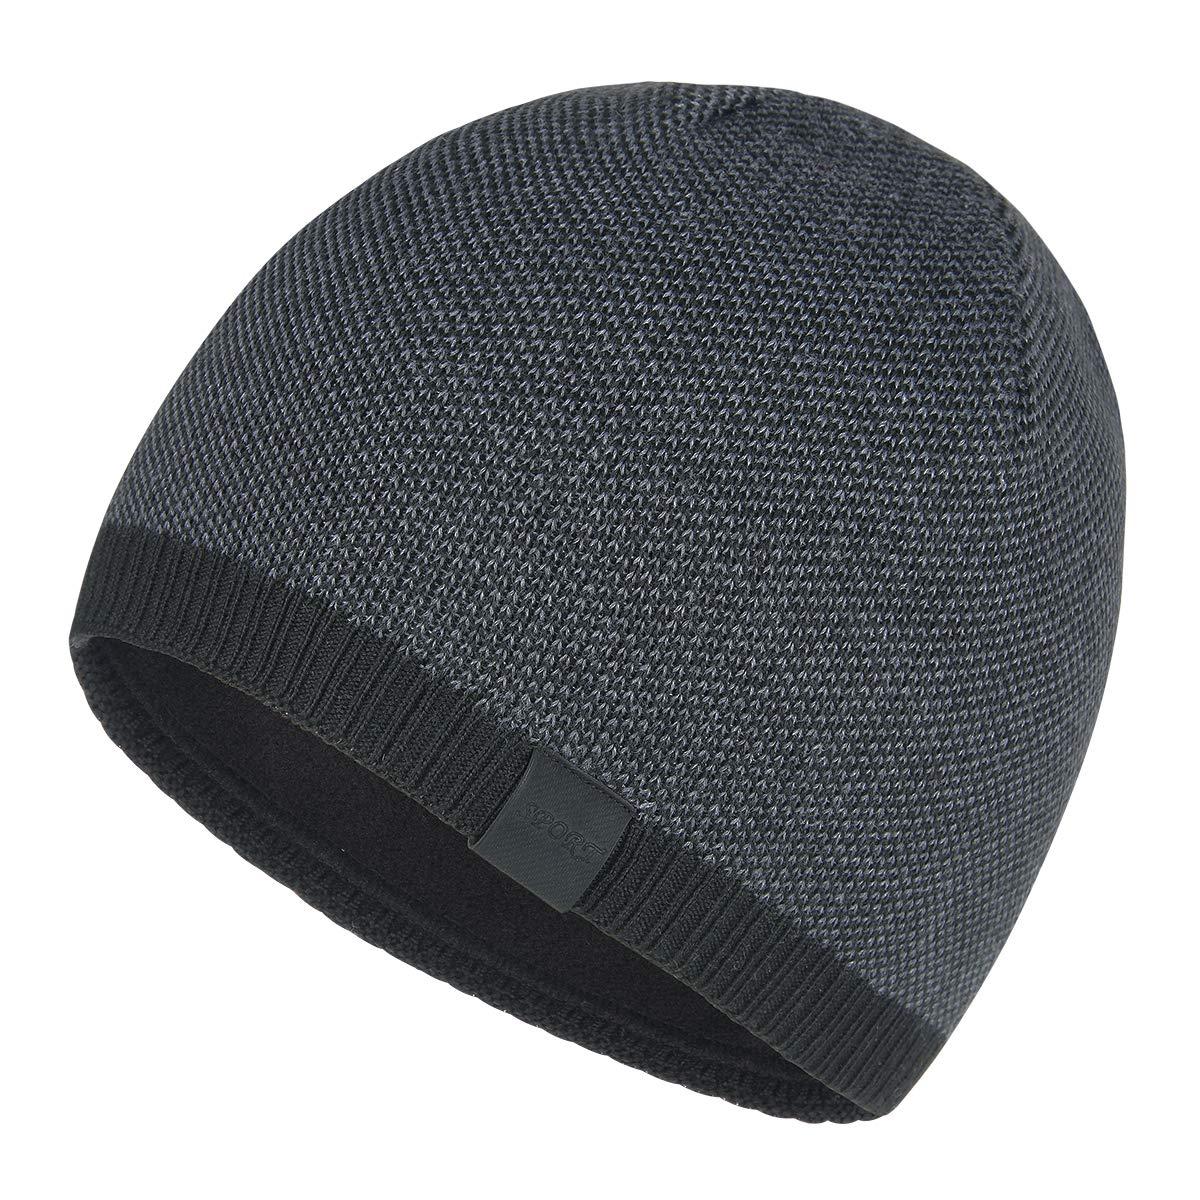 db31e06b0 ایگرد - خرید از آمازون | OMECHY Mens Winter Warm Knitting Hats Plain ...